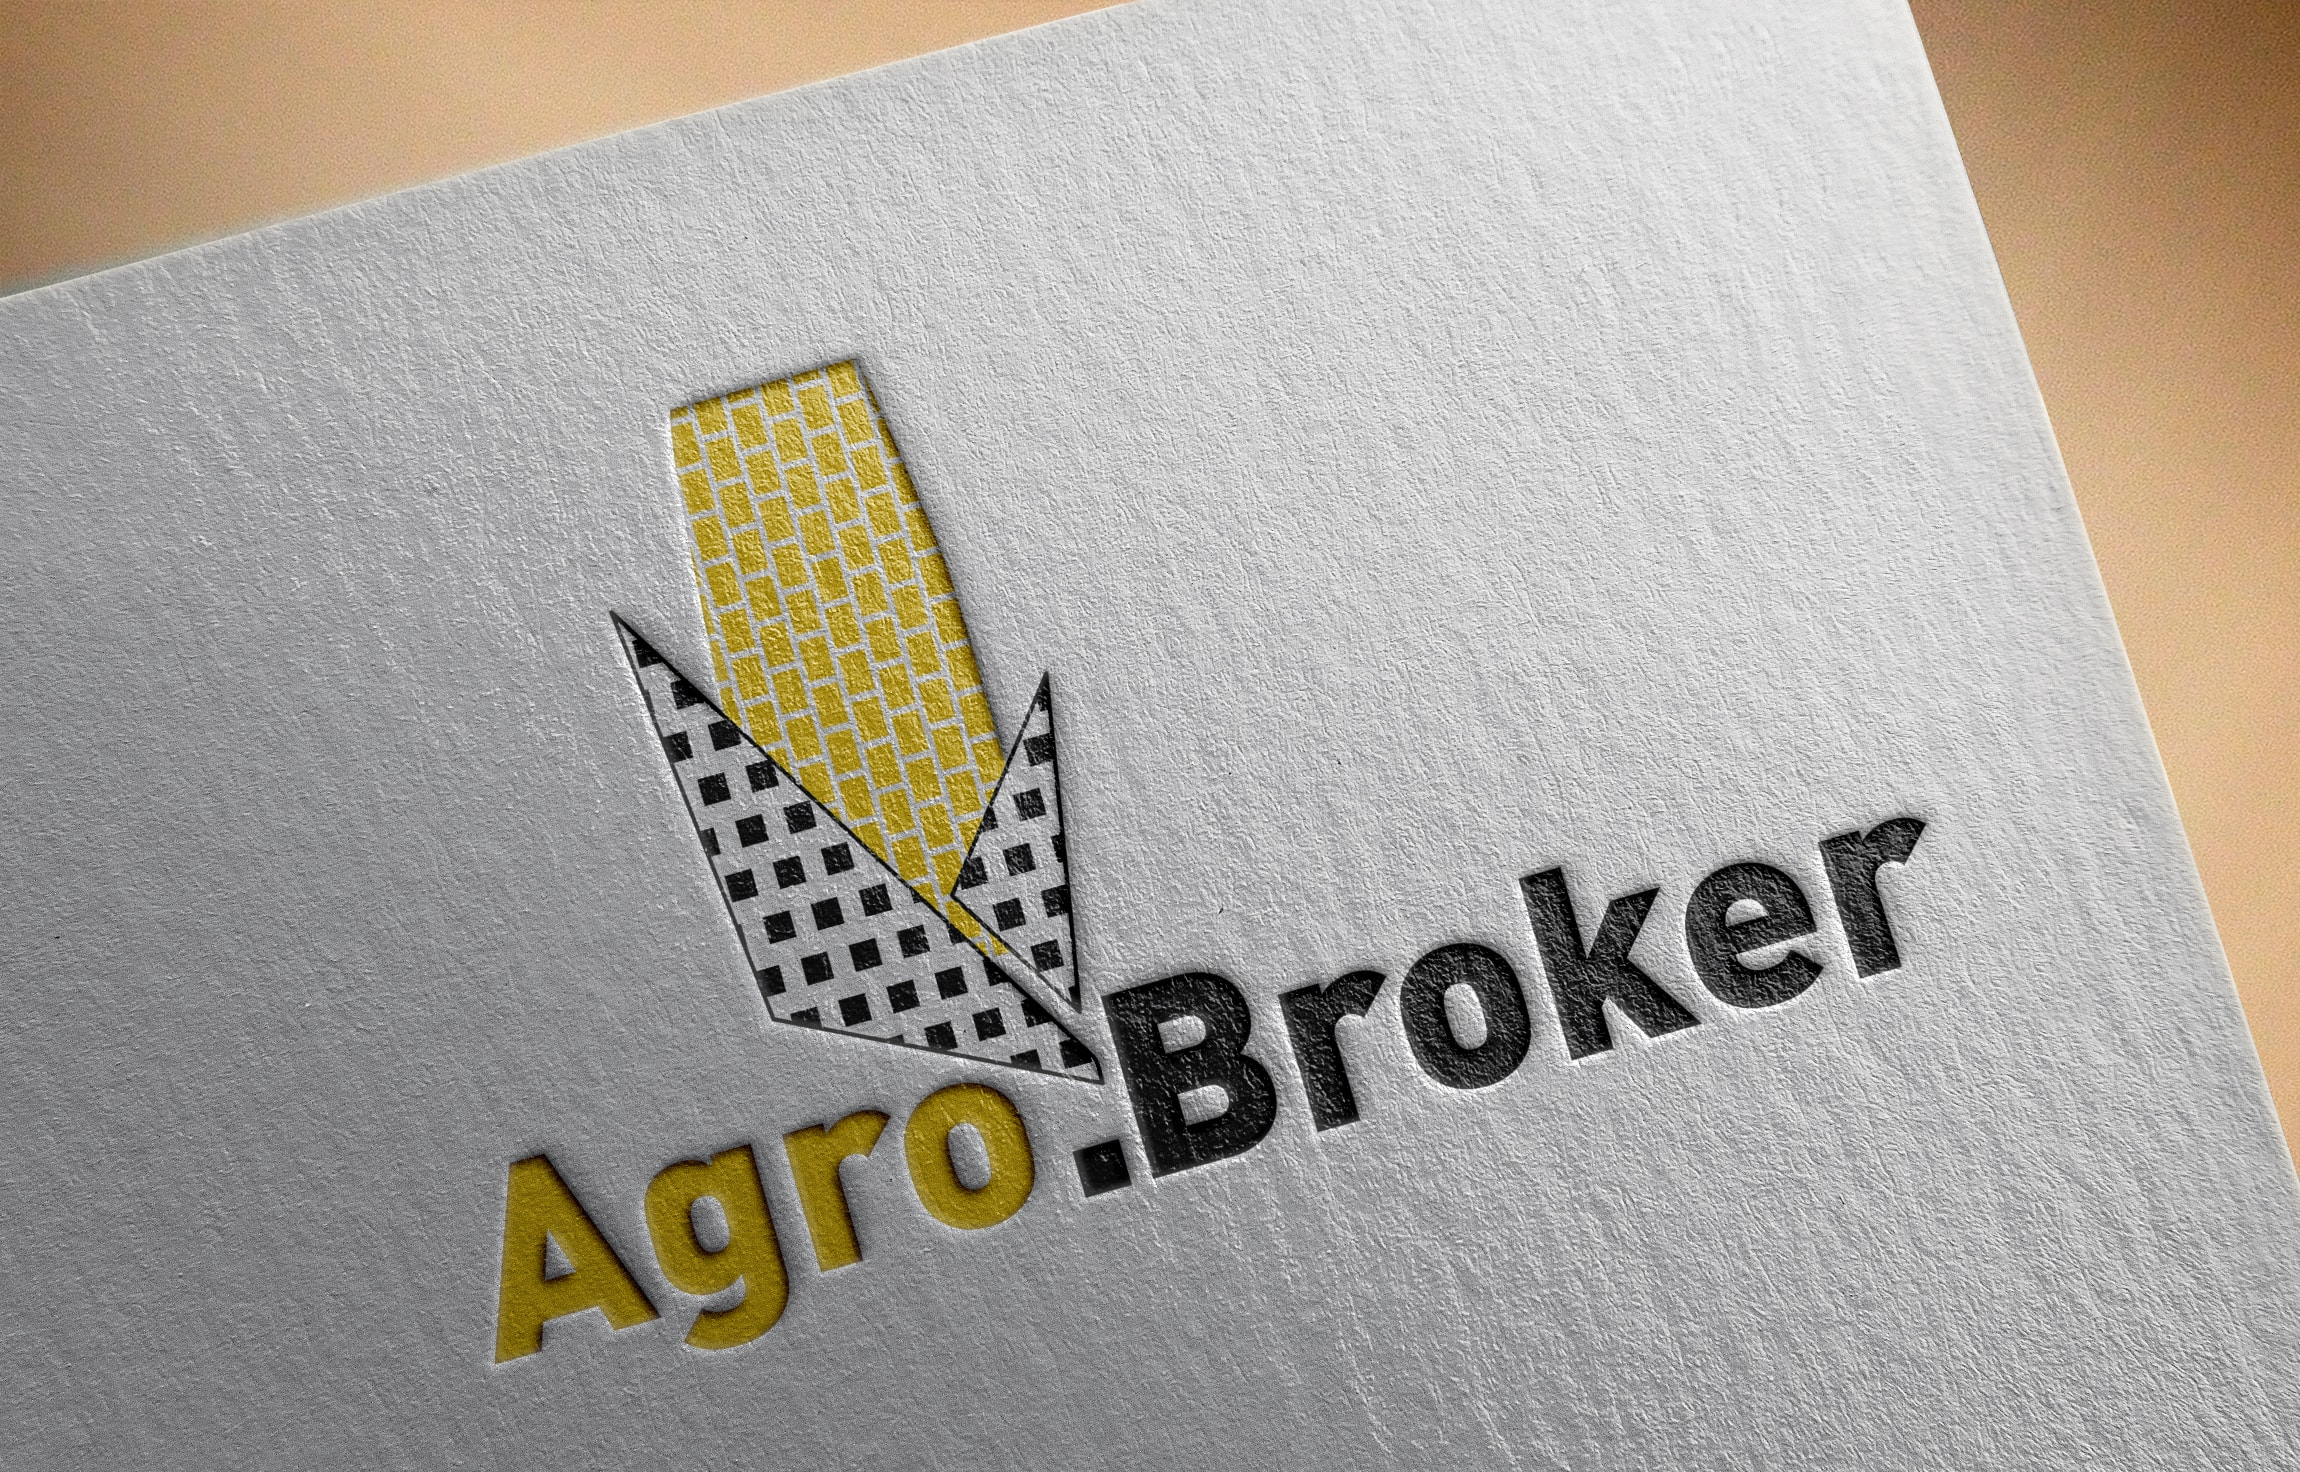 ТЗ на разработку пакета айдентики Agro.Broker фото f_4005971ded9bbe4e.jpg